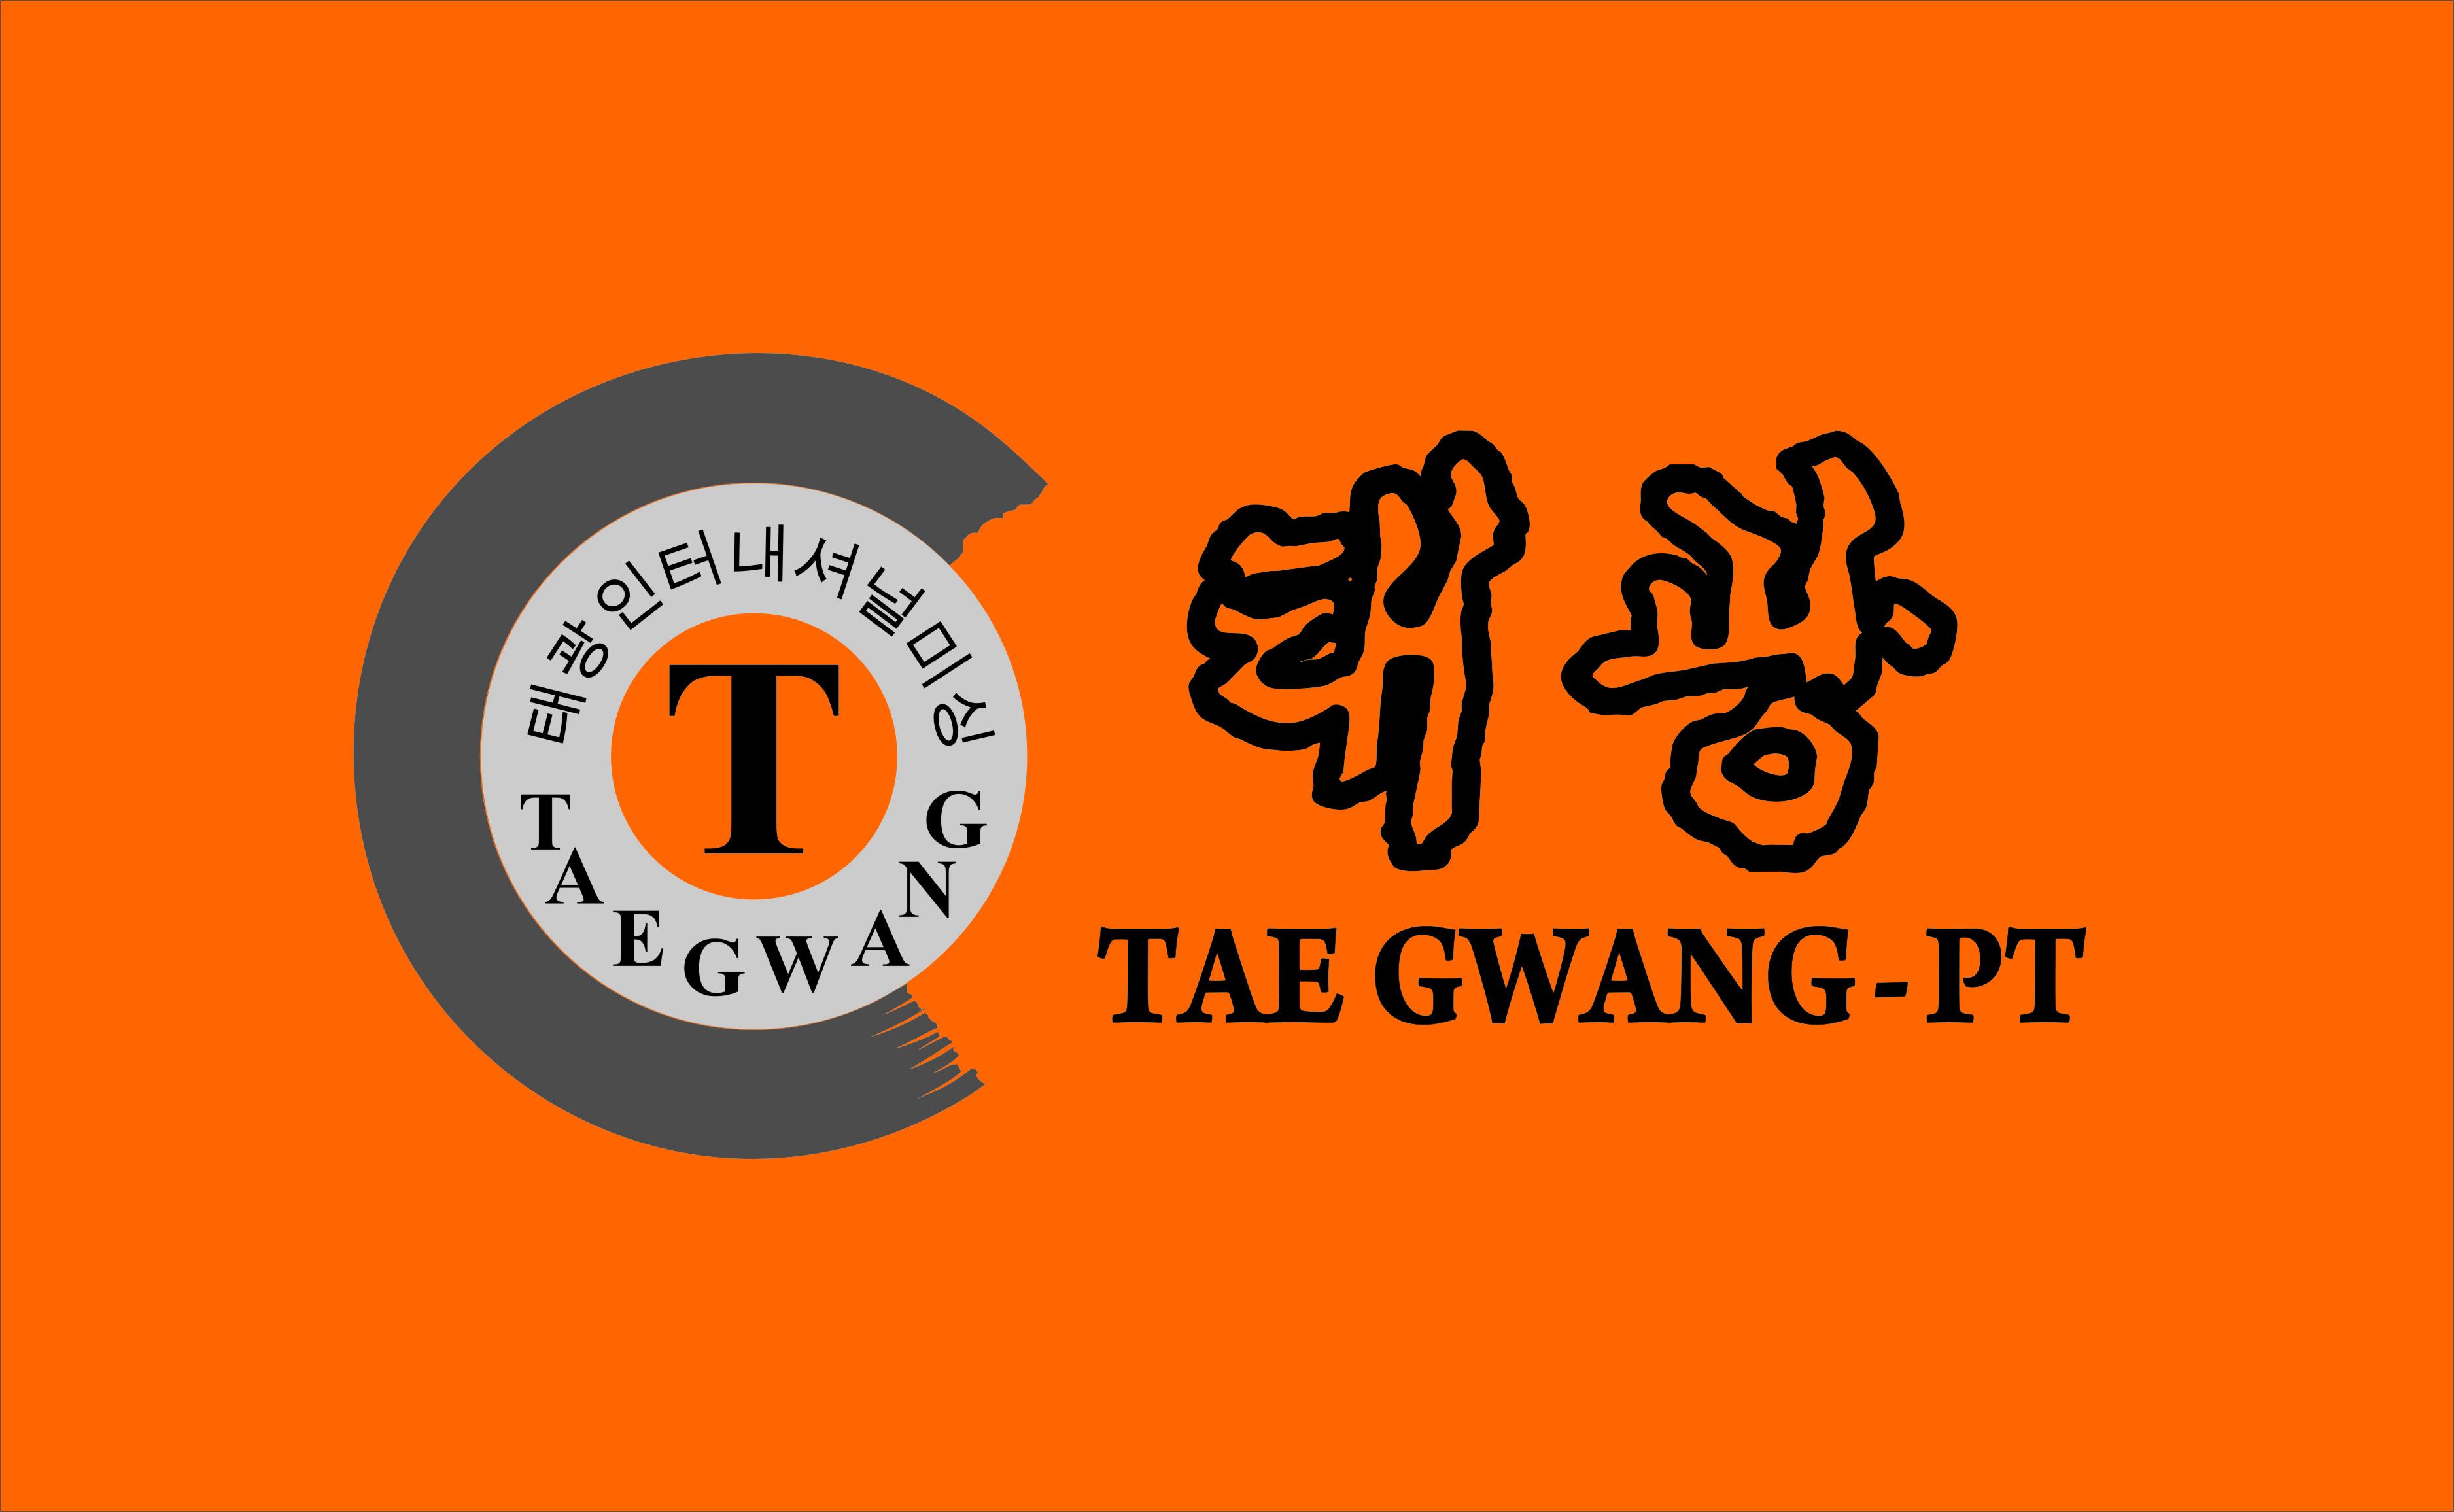 CÔNG TY TNHH PHỒN THỊNH - TAE GWANG